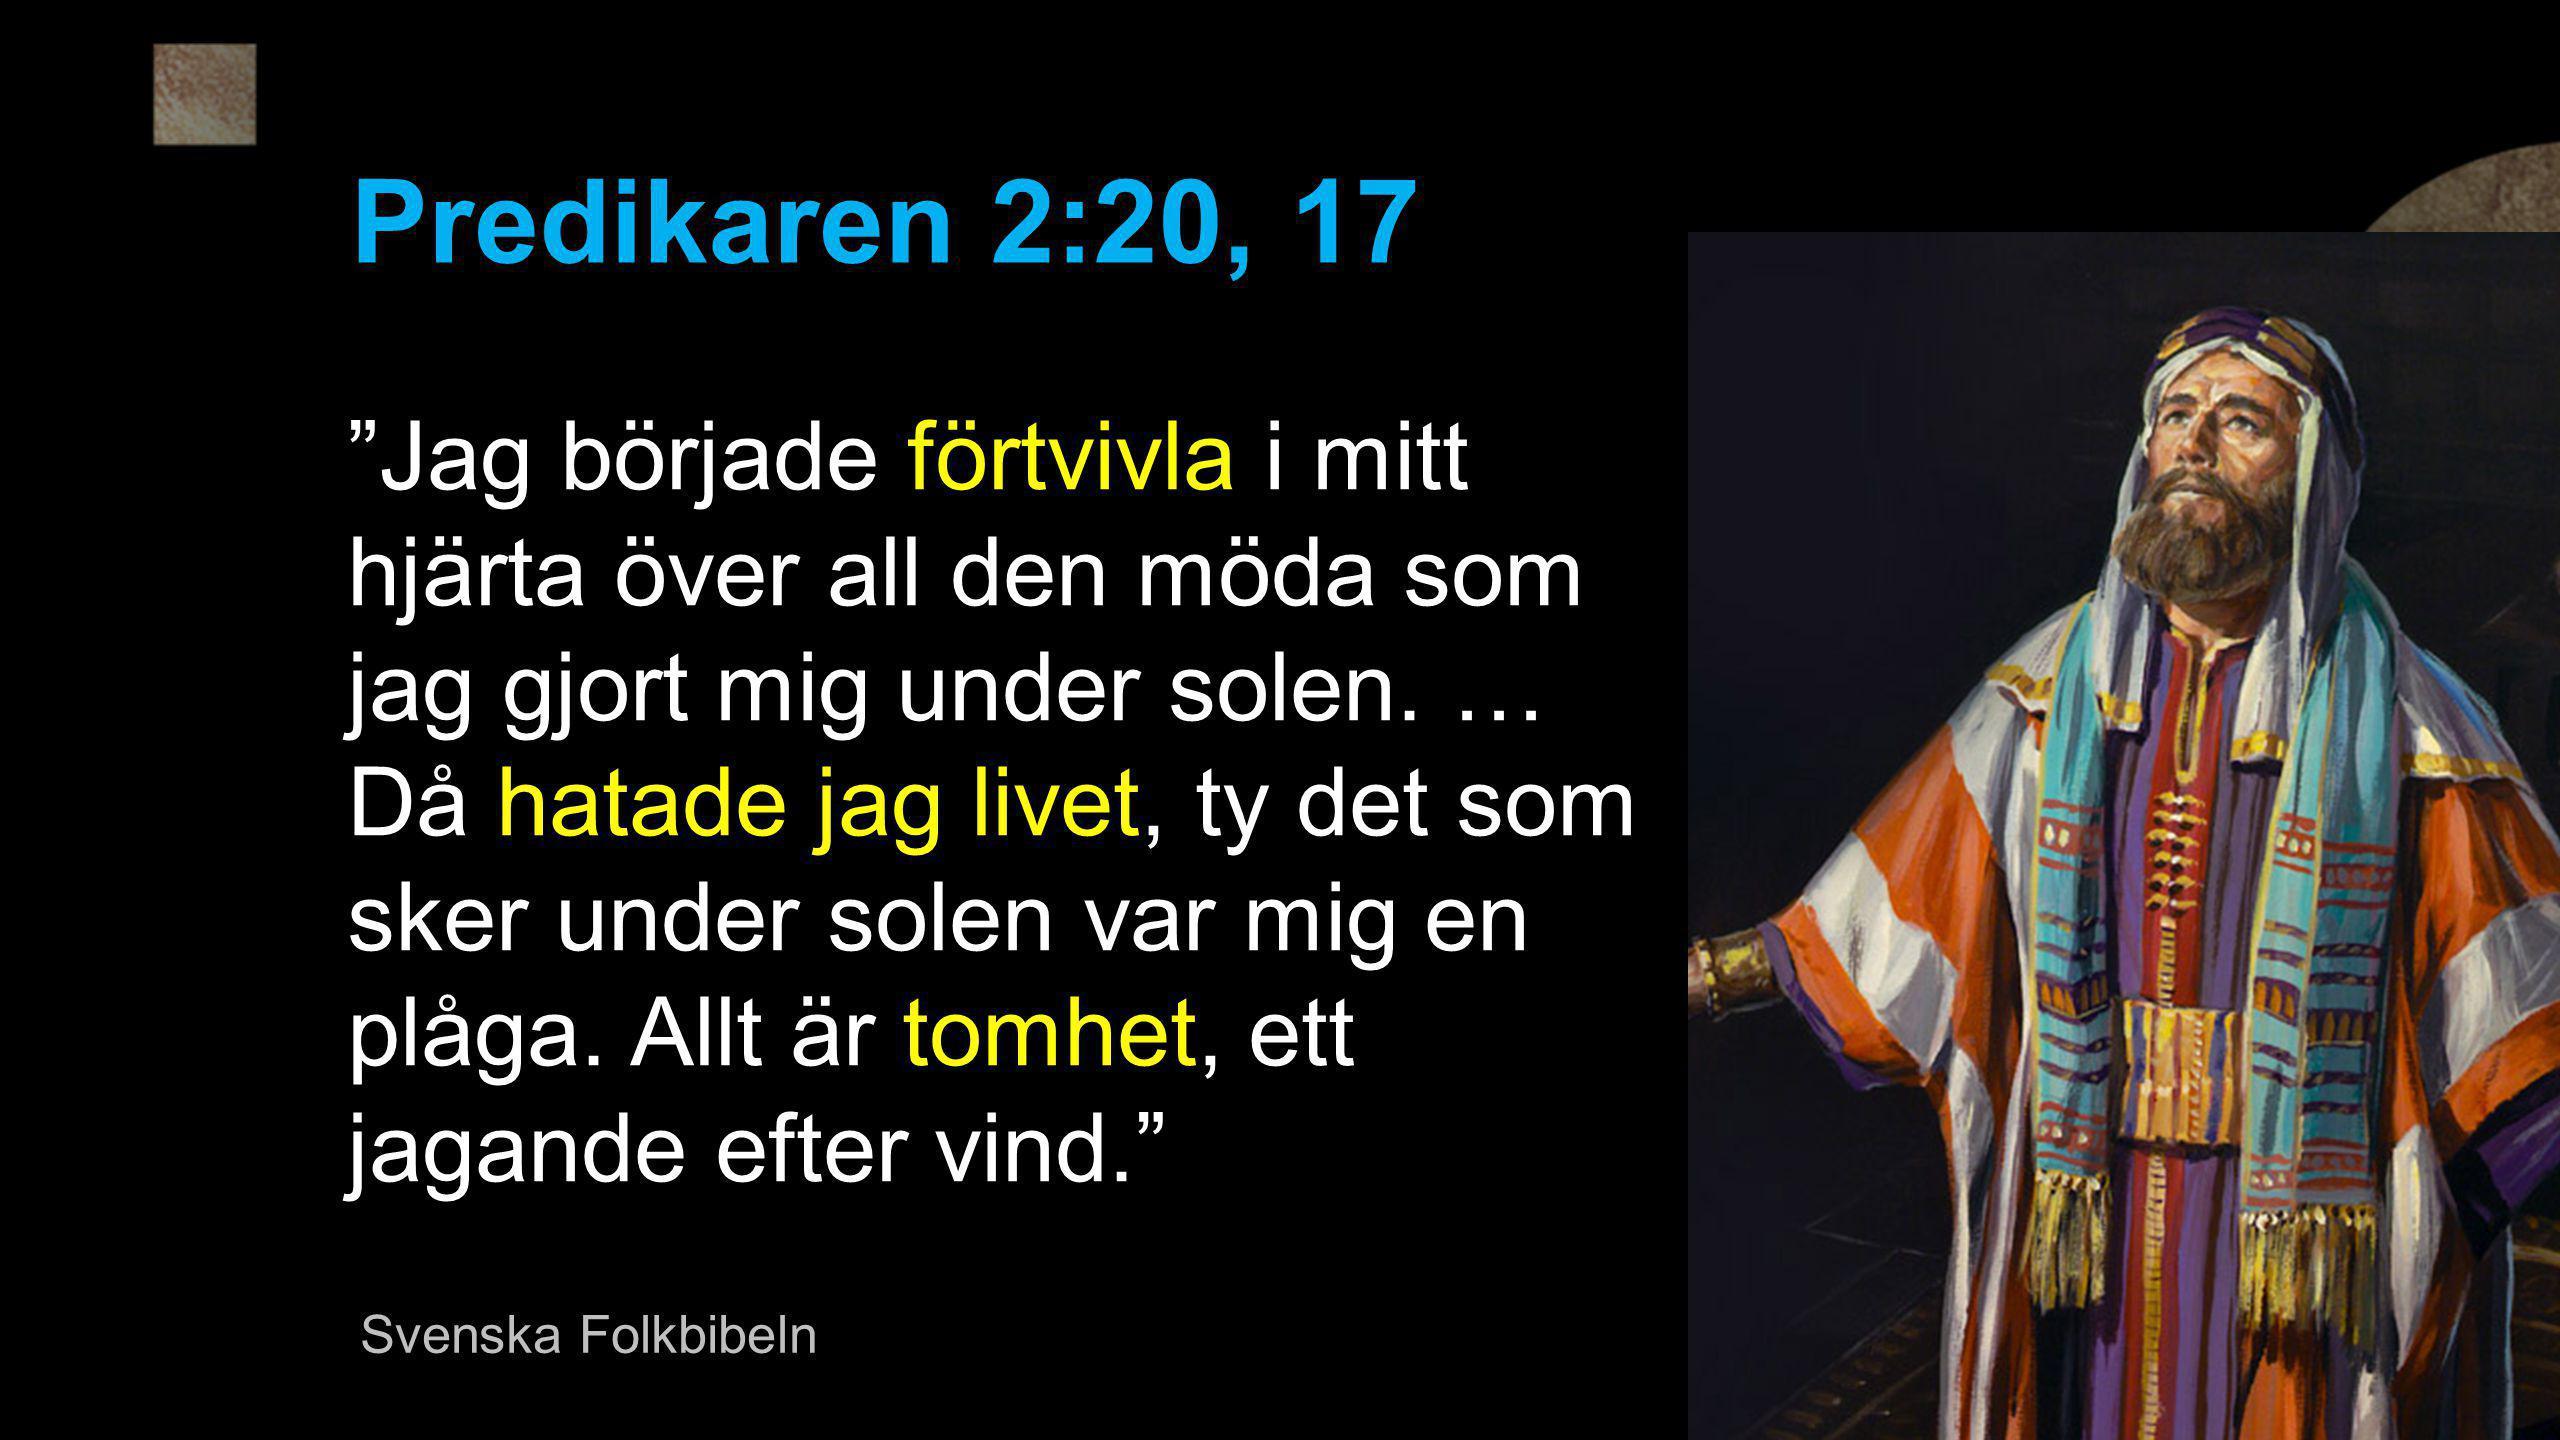 Predikaren 2:20, 17